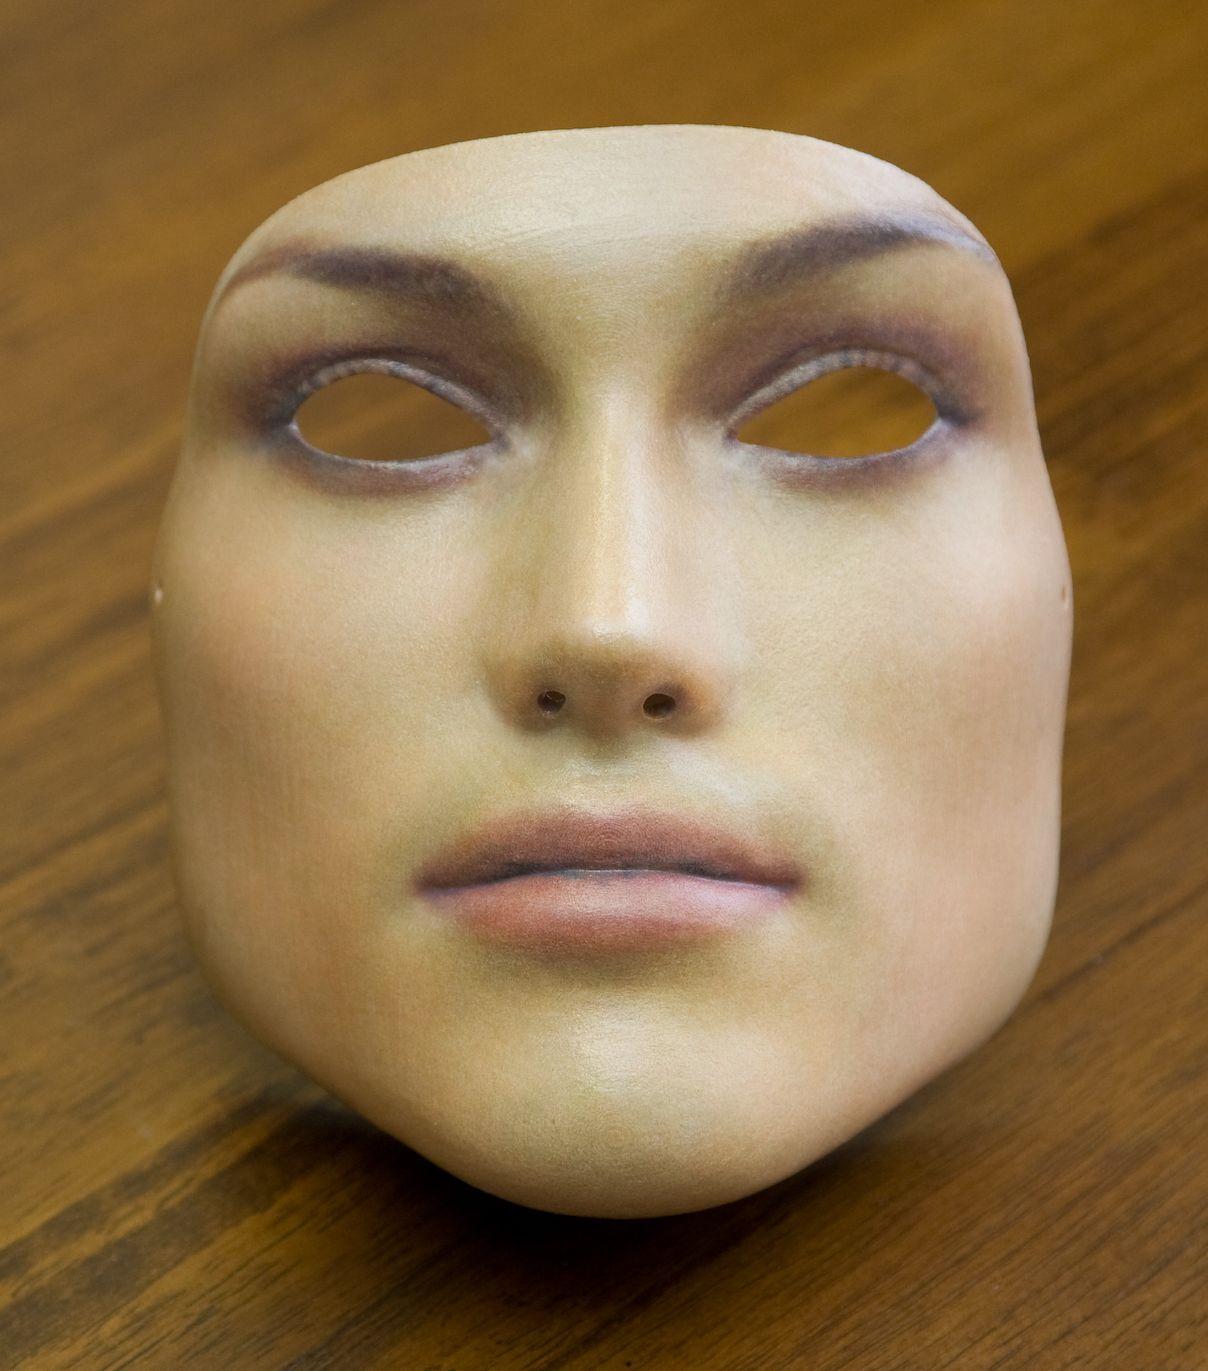 Как сделать маску лицо человека